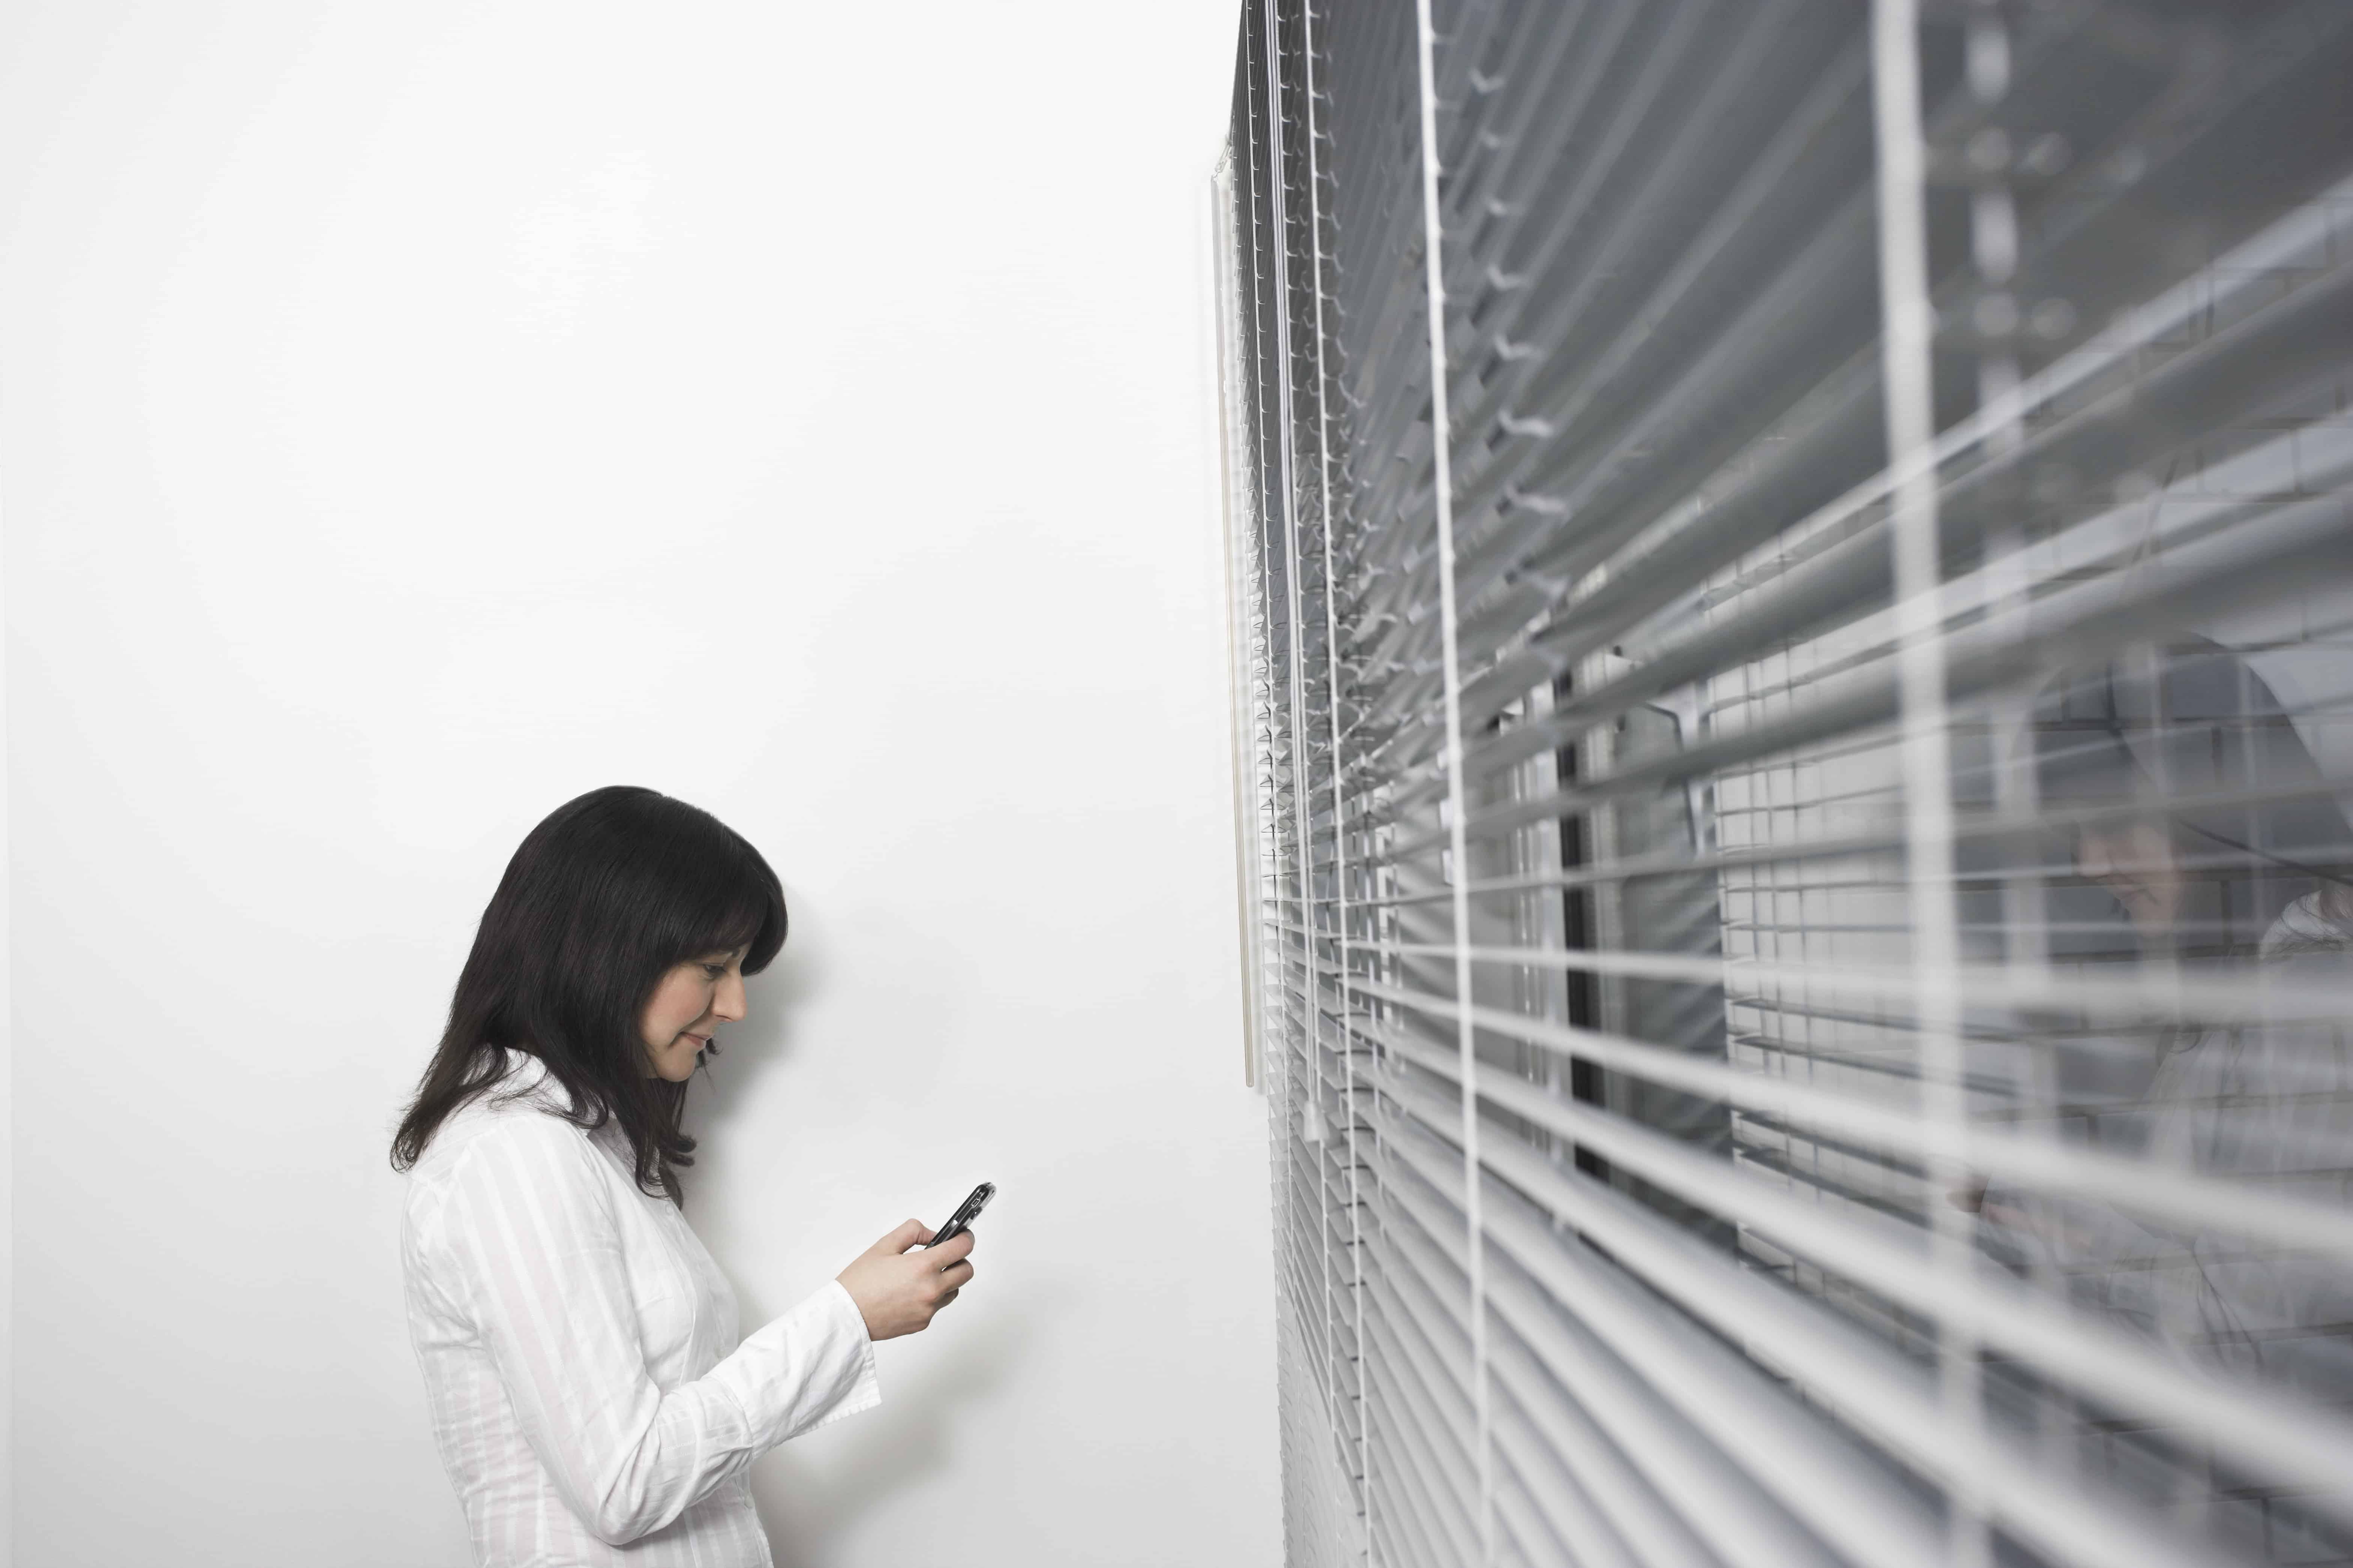 תיקון חלונות תריסים חשמליים – איך לתקן ביעילות ובמהירות